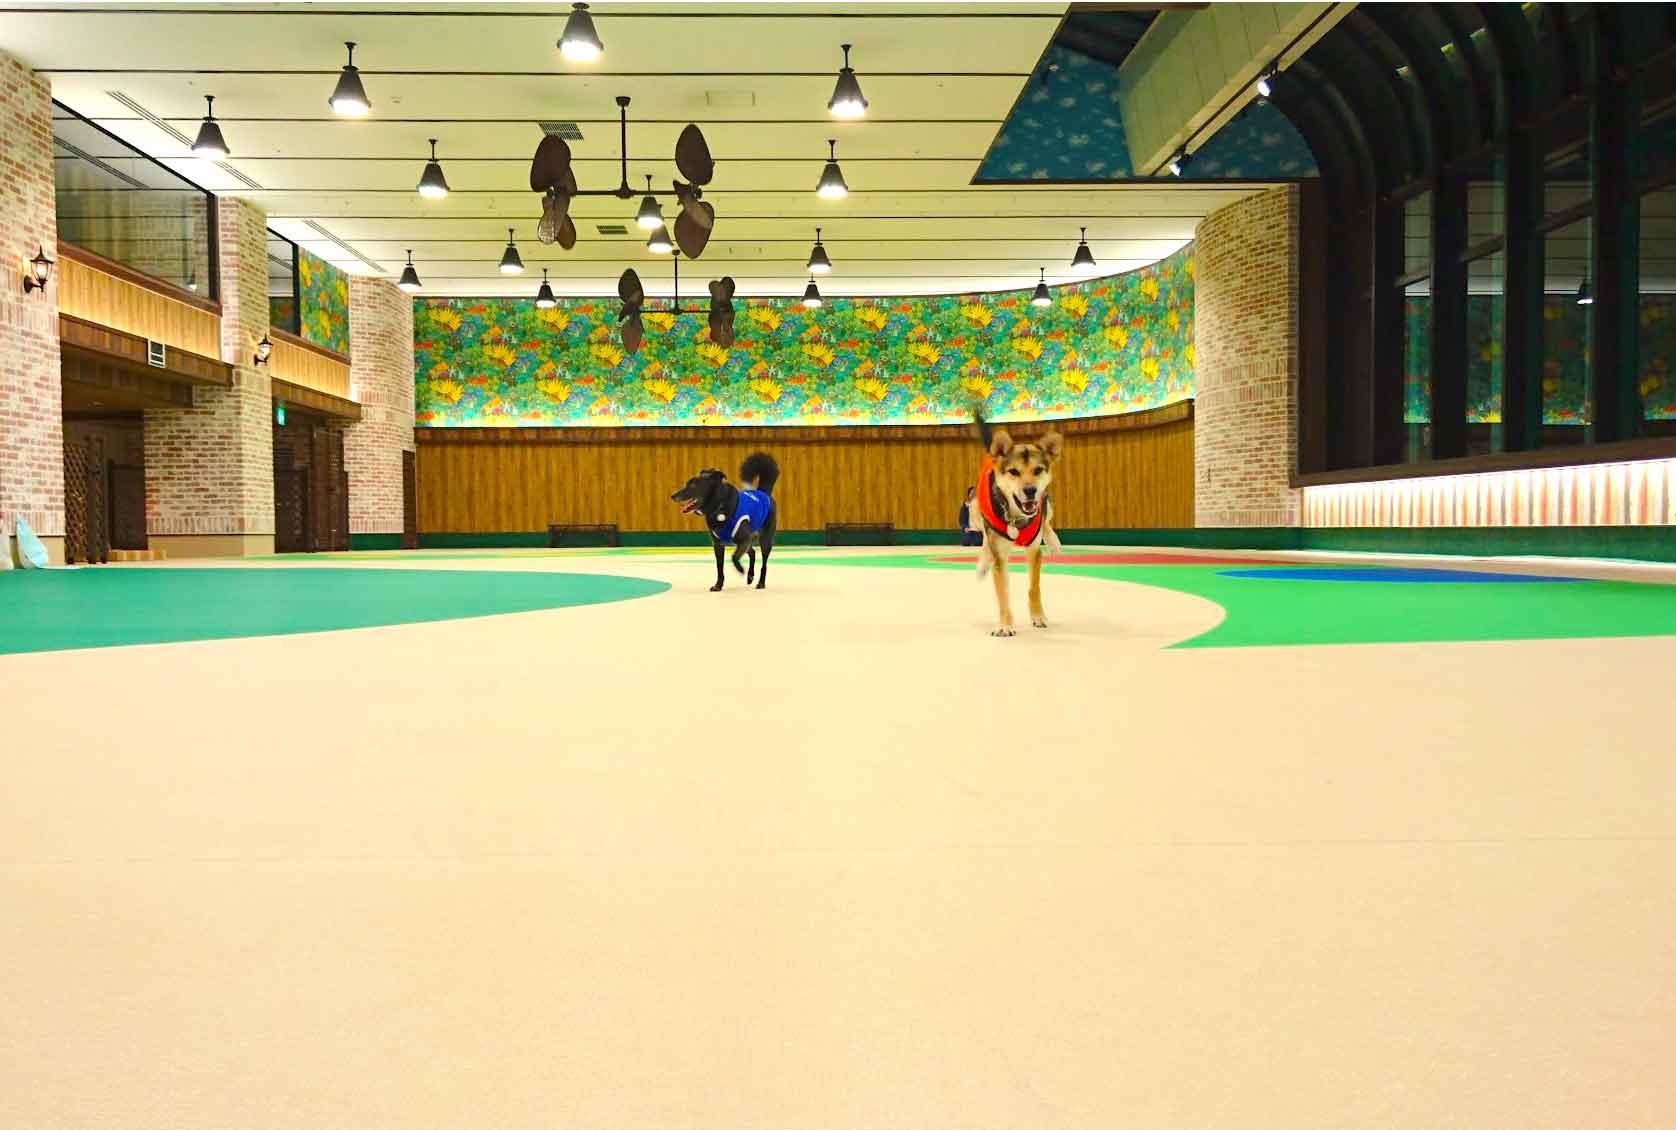 【横浜ドッグウィーク期間イベント】4月14日(土)ドッグパーク開催 フィットネス体験イベント